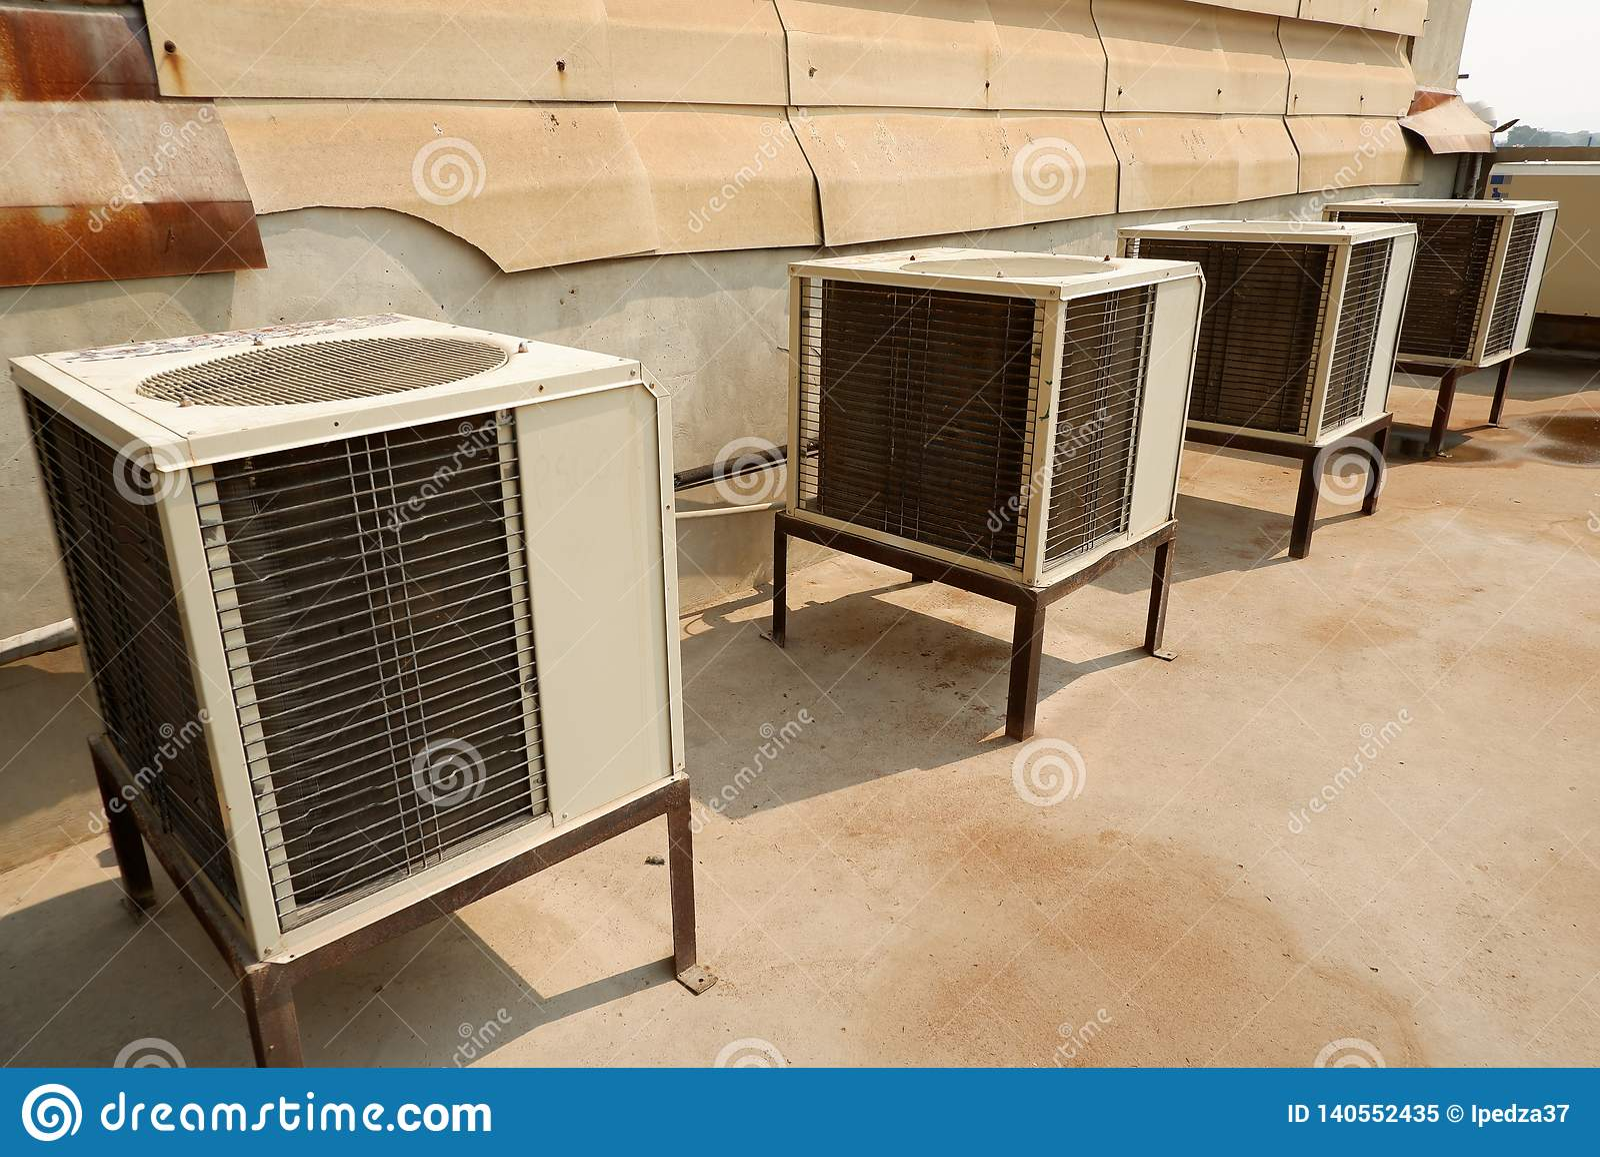 Белые компрессора кондиционирования воздуха старые и грязные блоки кондиционирования воздуха